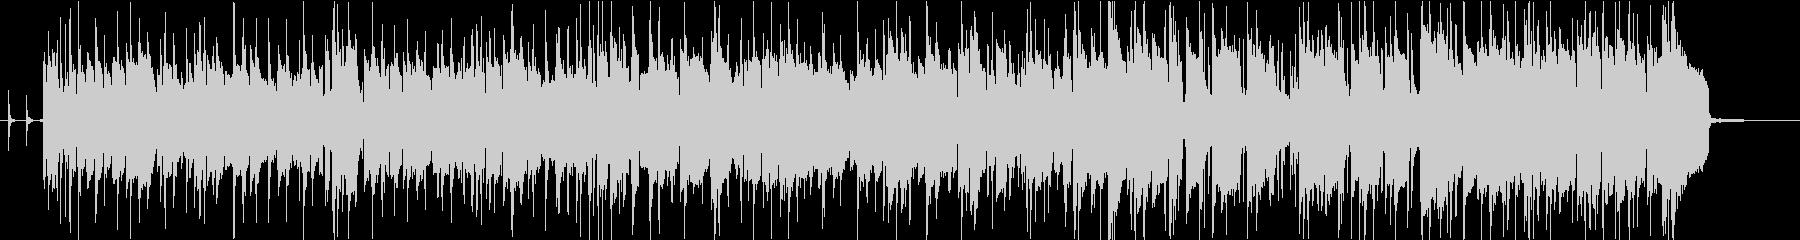 ベースゴリゴリのFUNKバンドジングルの未再生の波形